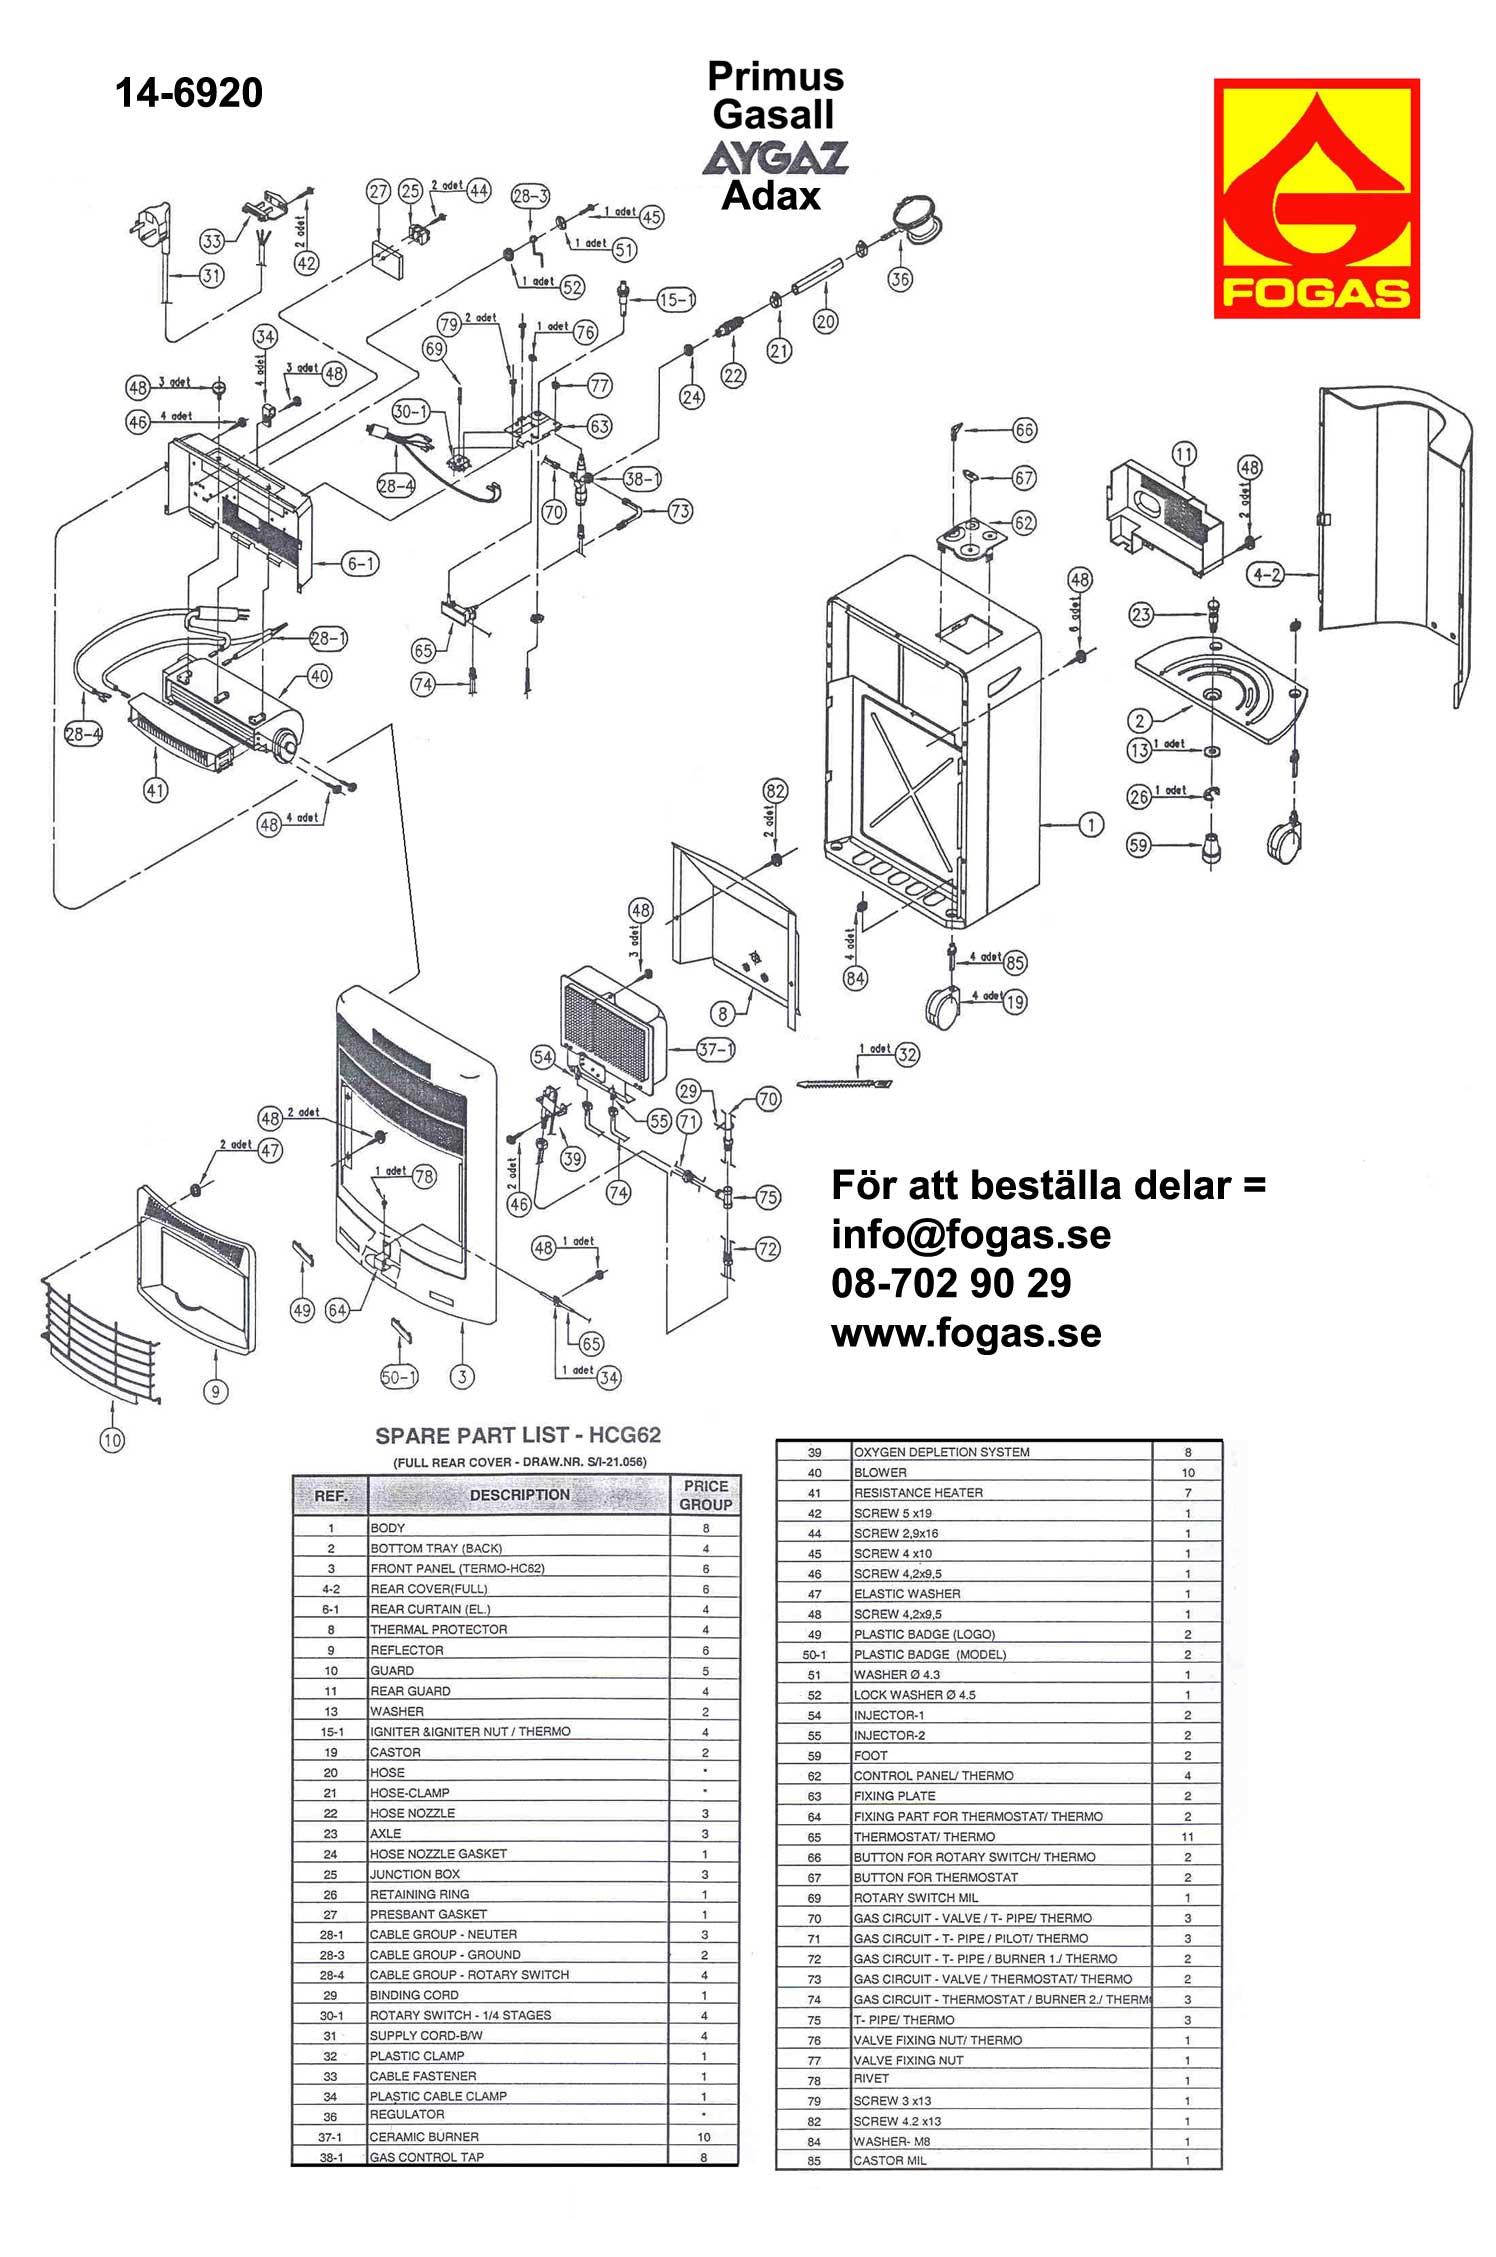 Primus Service Manual